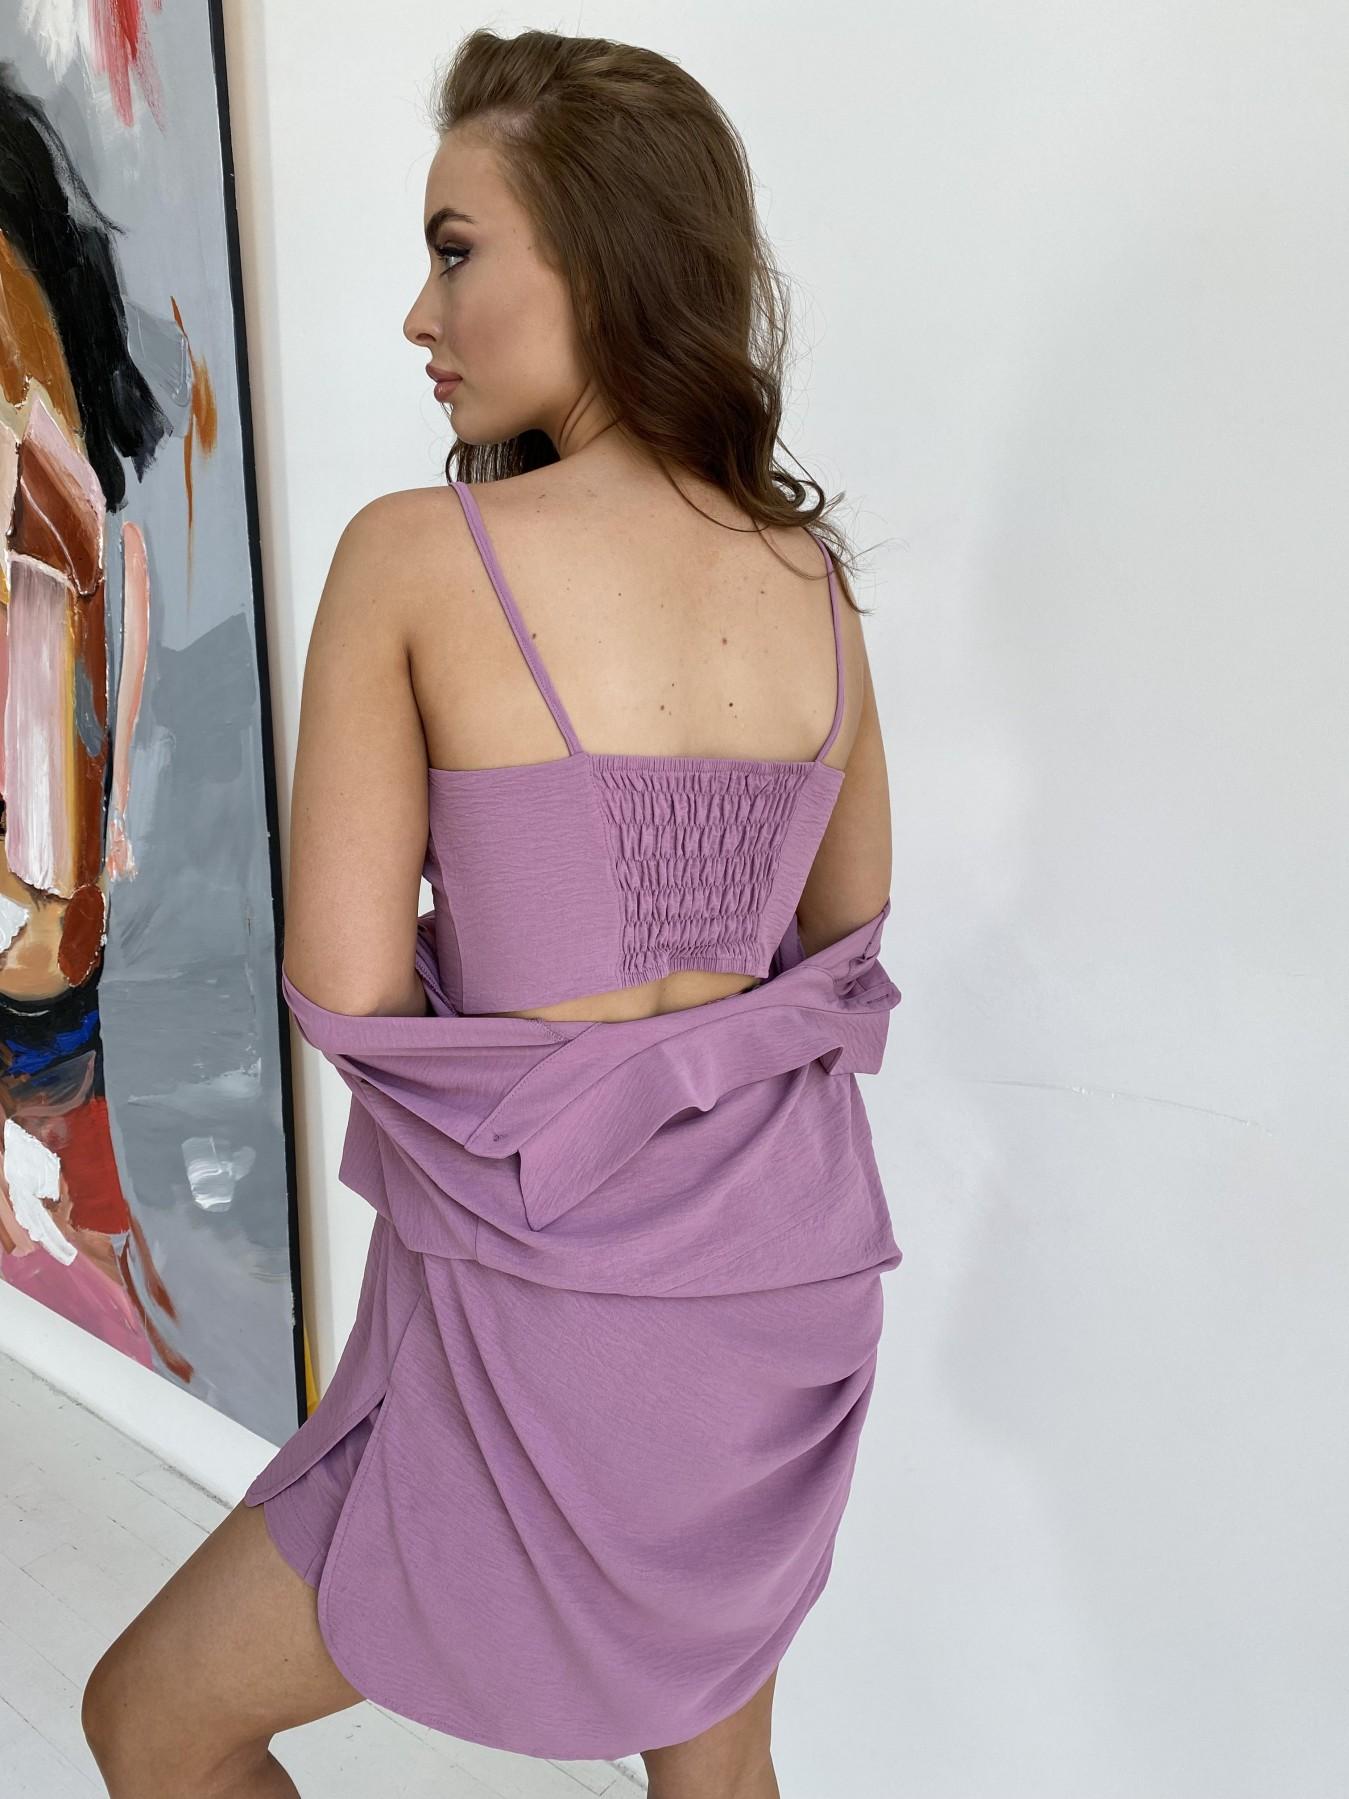 Квадро костюм американский из ткани креп (4 ед) 11303 АРТ. 48096 Цвет: Фрез - фото 9, интернет магазин tm-modus.ru